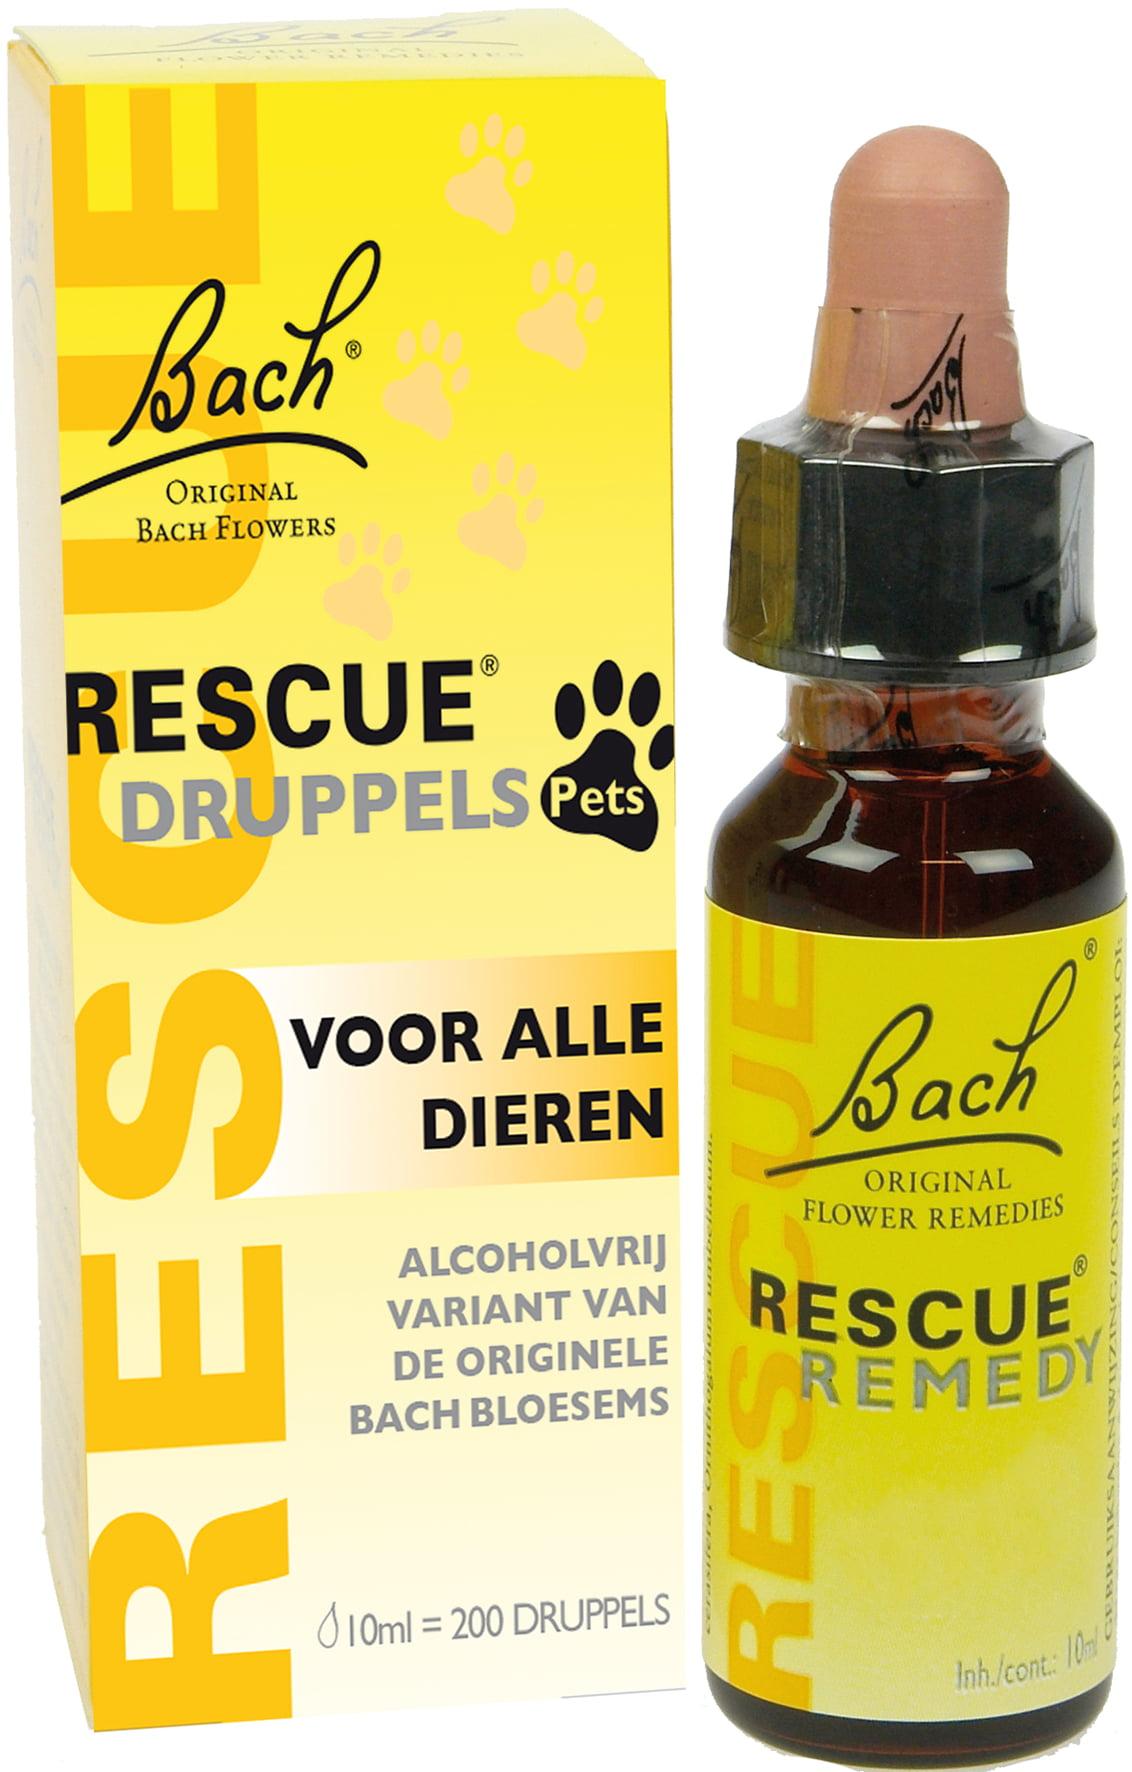 Bach Rescue pets druppels10ml.